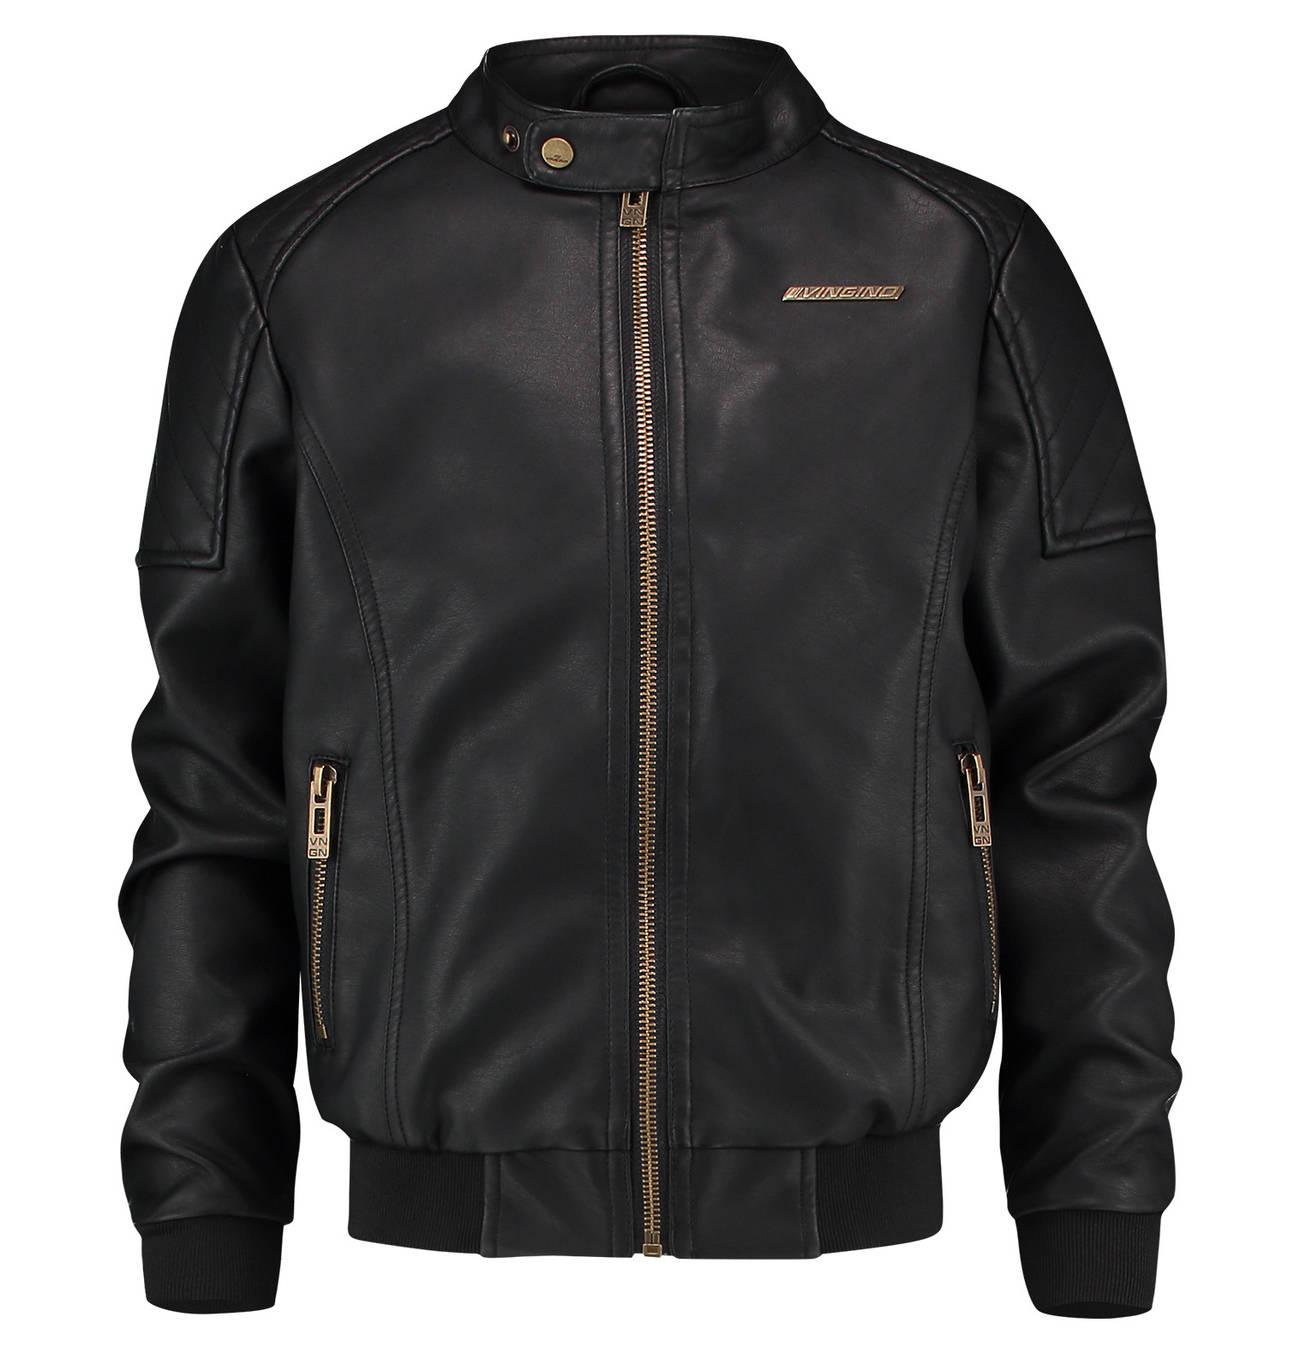 Lederjacke, für Jungen | Lederjacke, Jacken, Leder